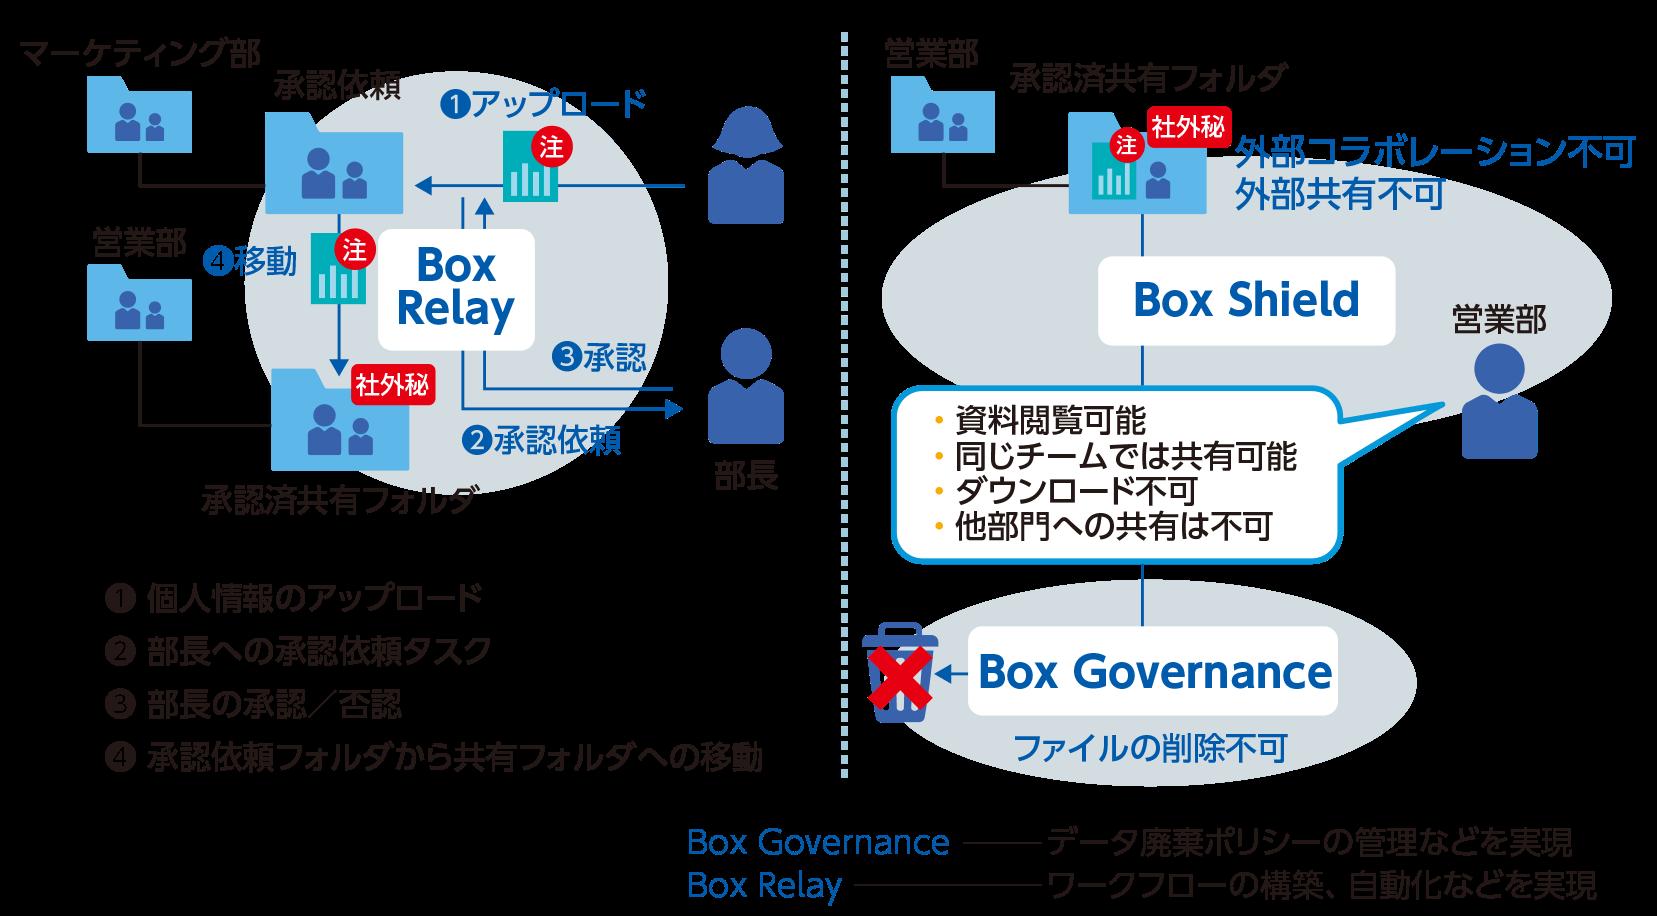 図2 Box Shield スマートアクセスの活用イメージ